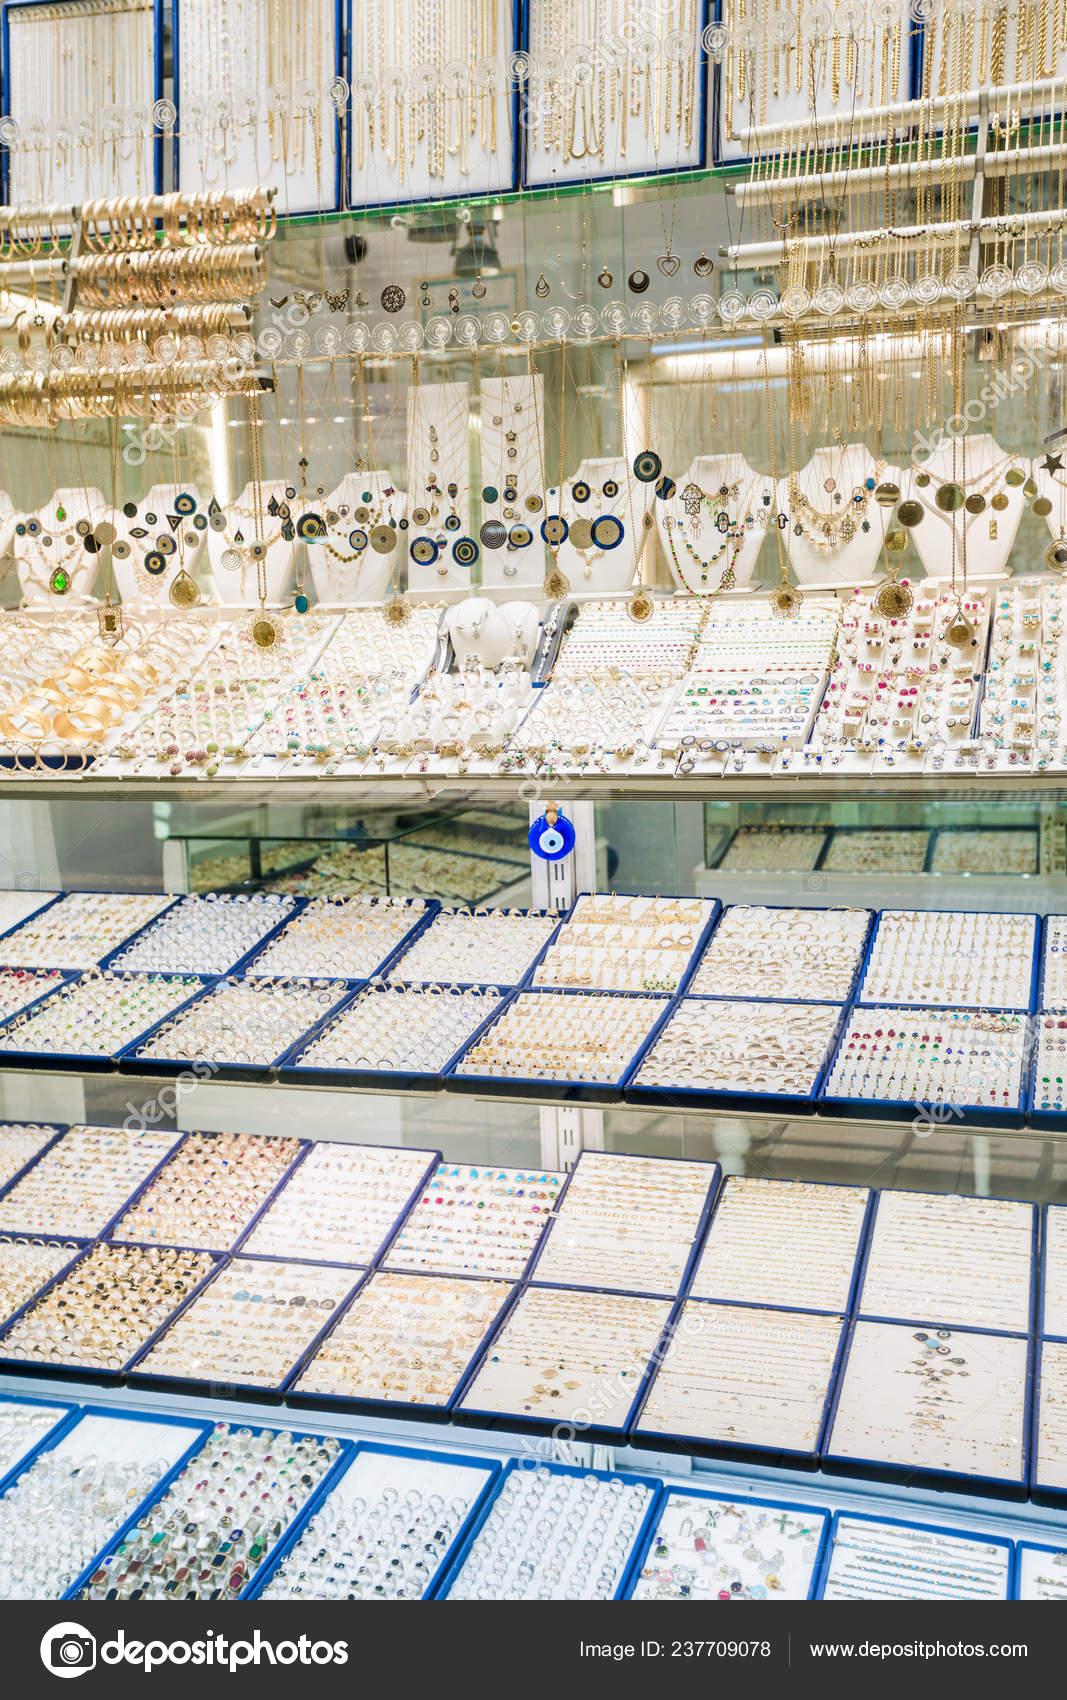 6410e9171b039 Bloquer la vente de bijoux en argent dans le bazar d'Istanbul en Turquie–  images de stock libres de droits